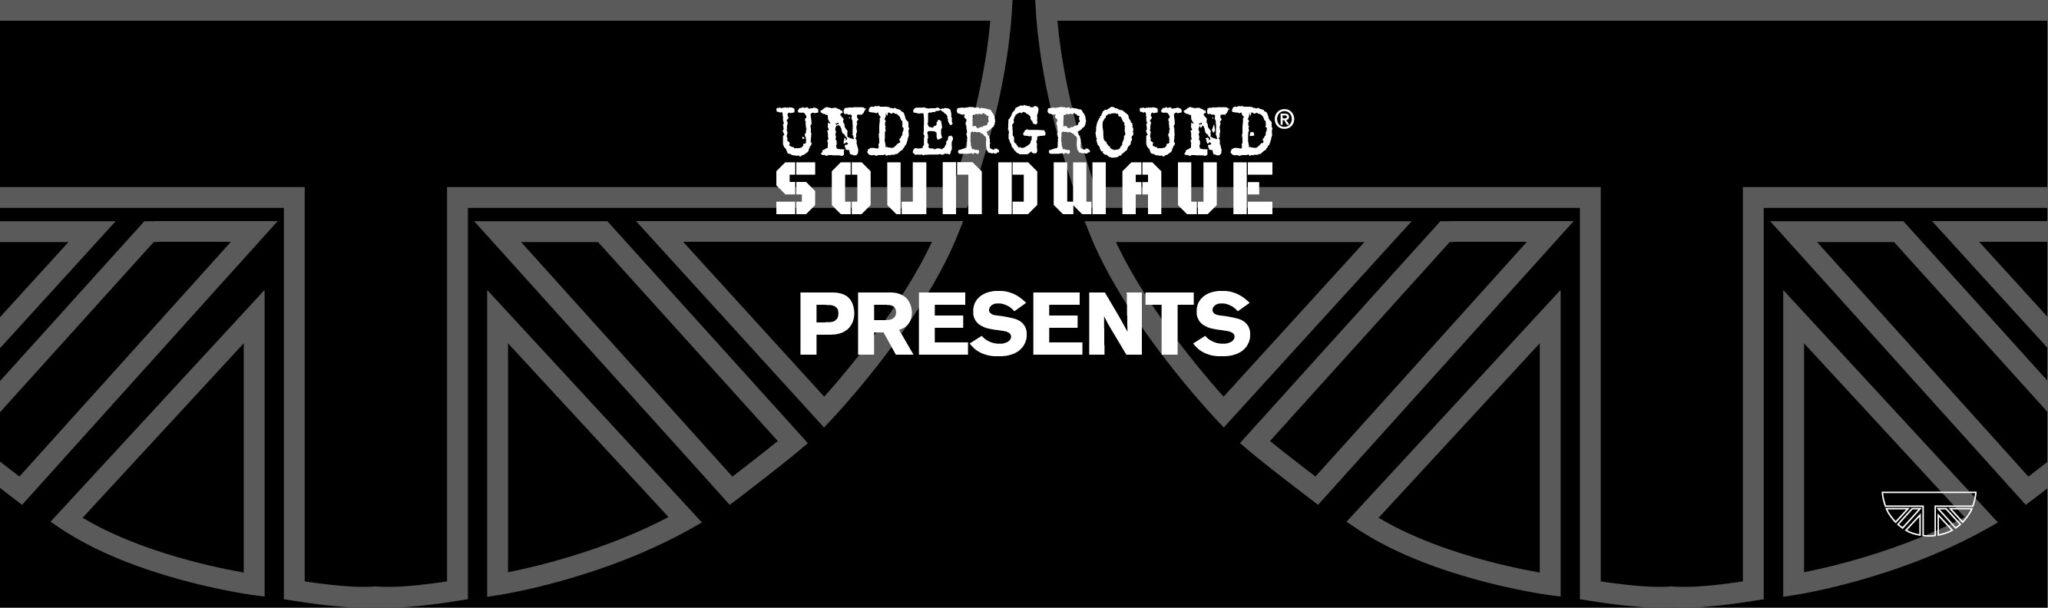 Underground Soundwave Presents Banner